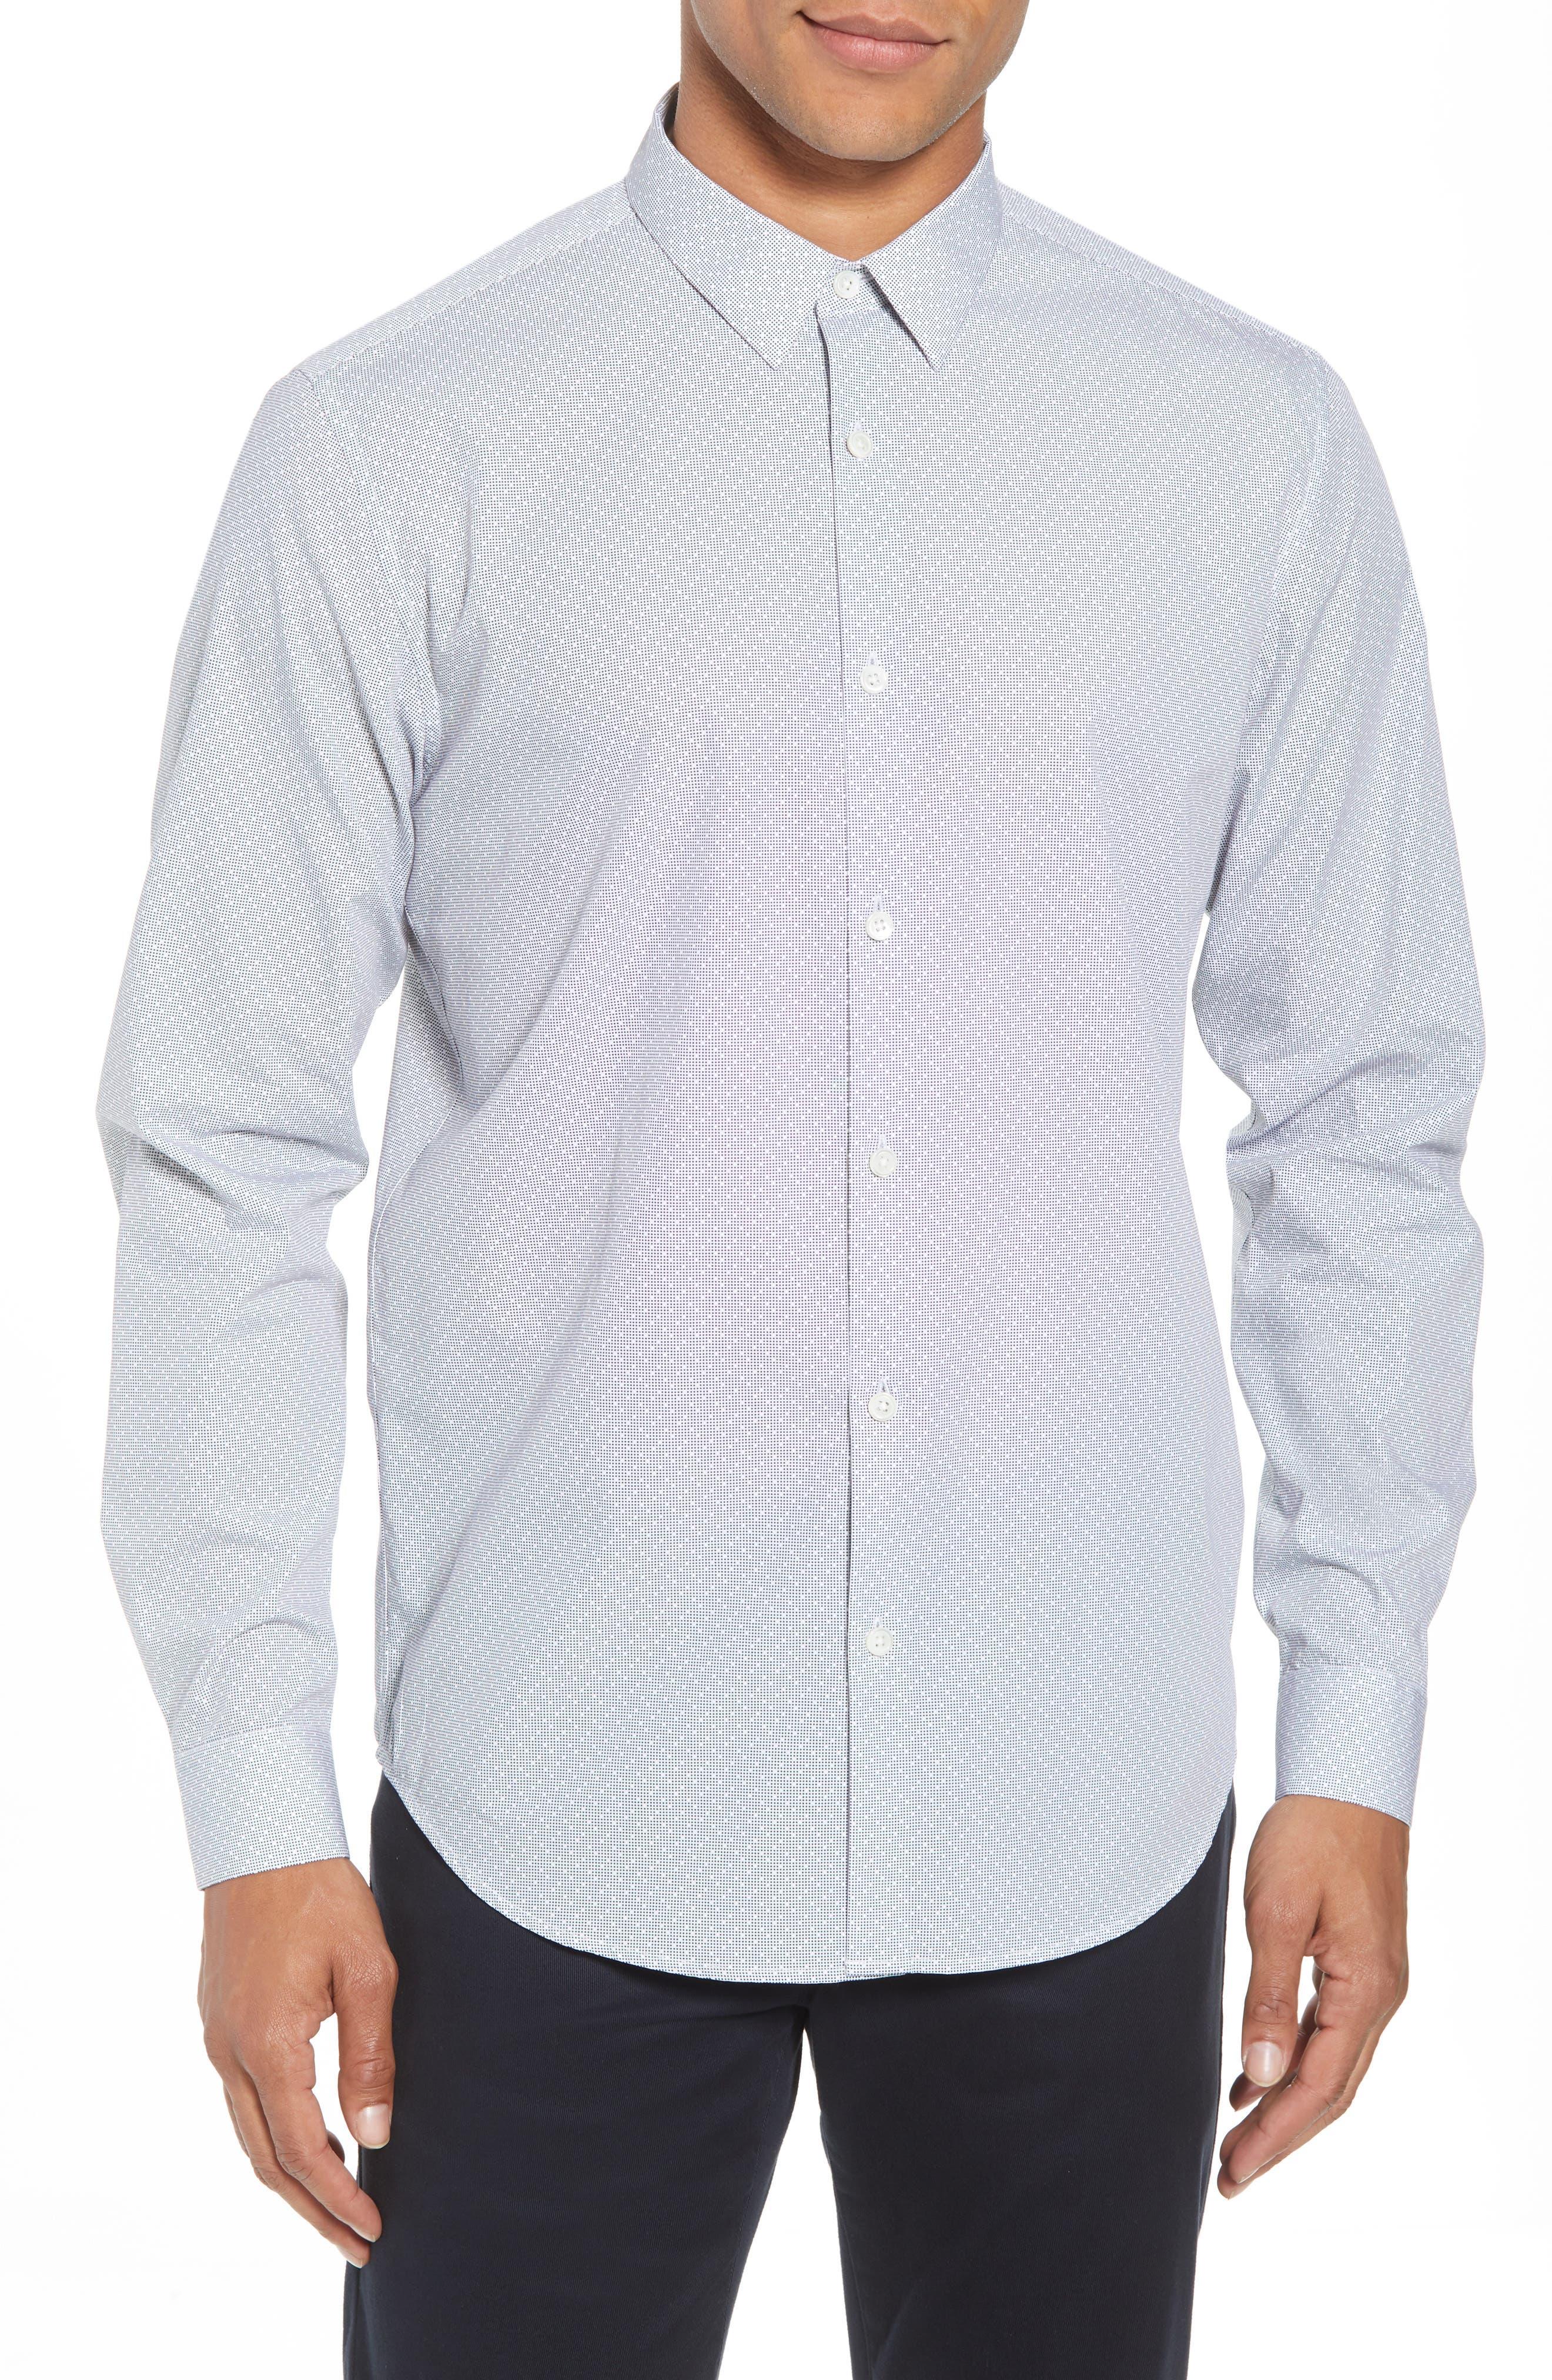 Murray Trim Fit Pixel Print Sport Shirt,                             Main thumbnail 1, color,                             Eclipse Multi